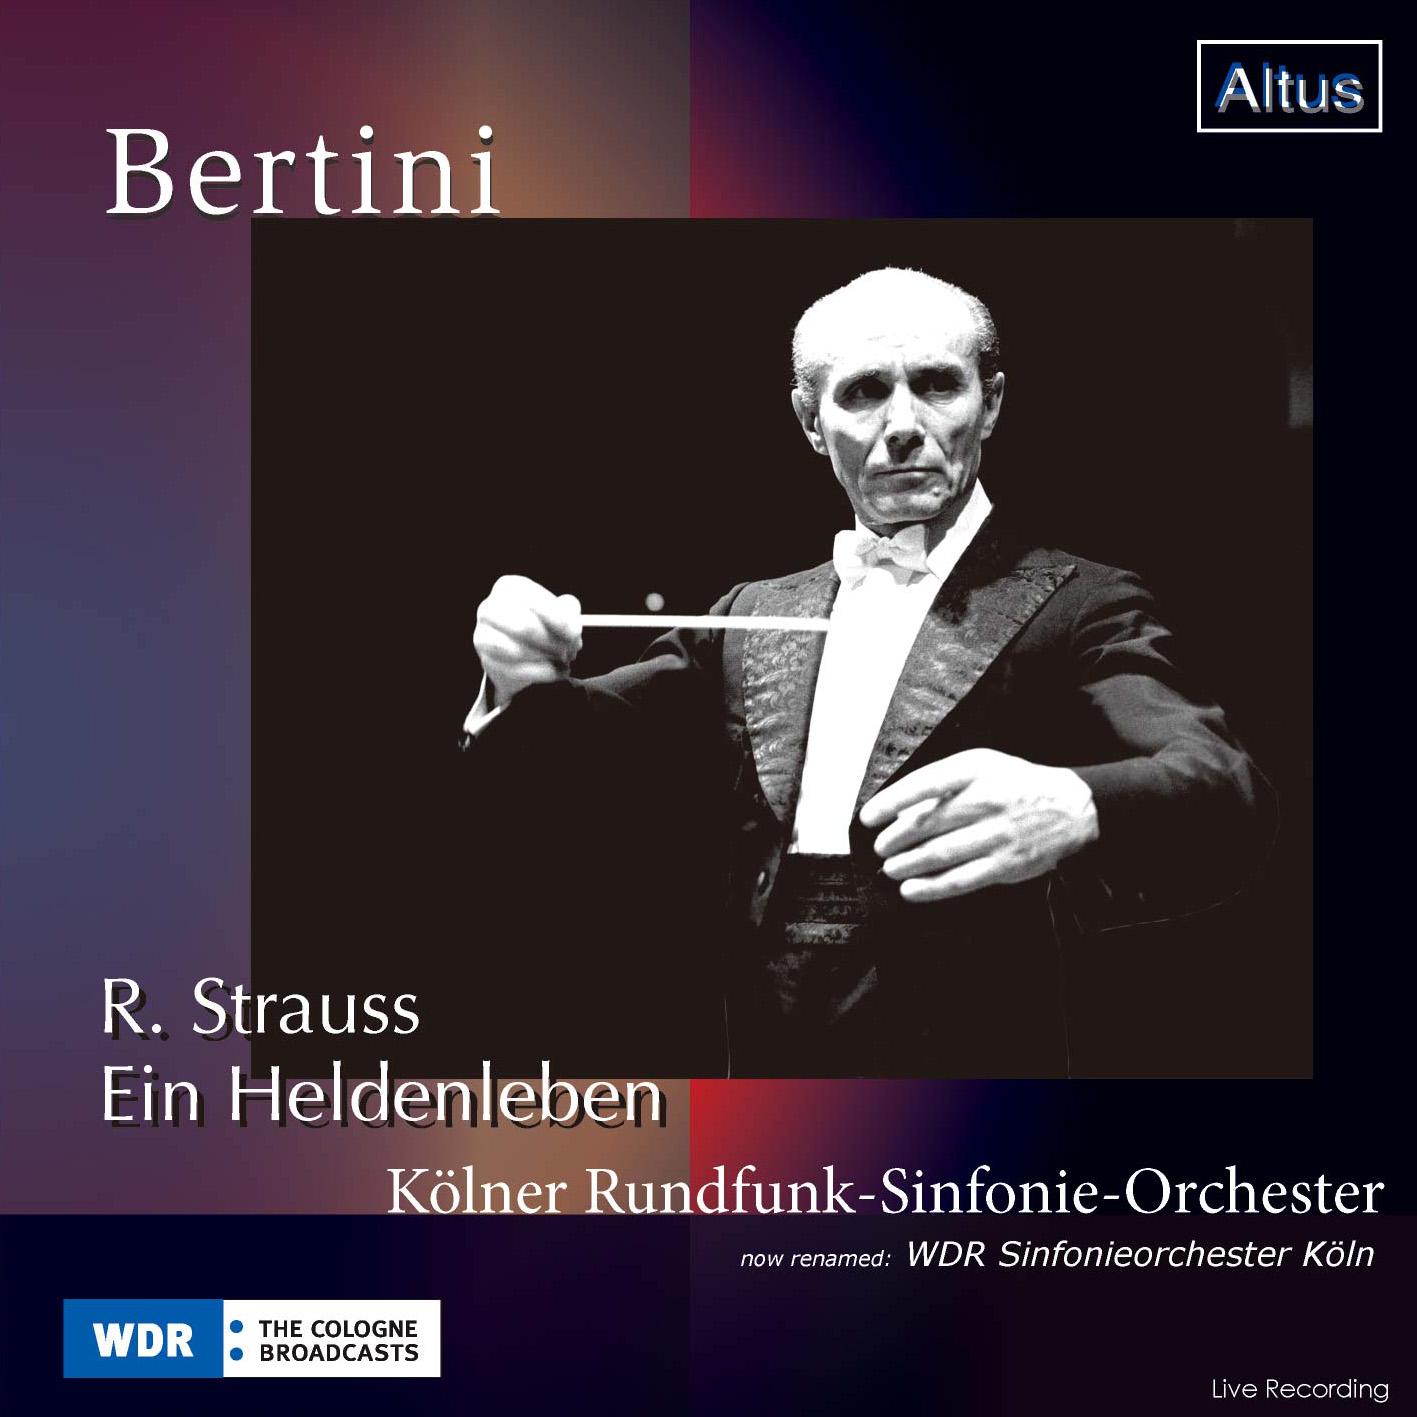 ALT152Bertini / WDR so. - R. Strauss : Ein Heldenleben